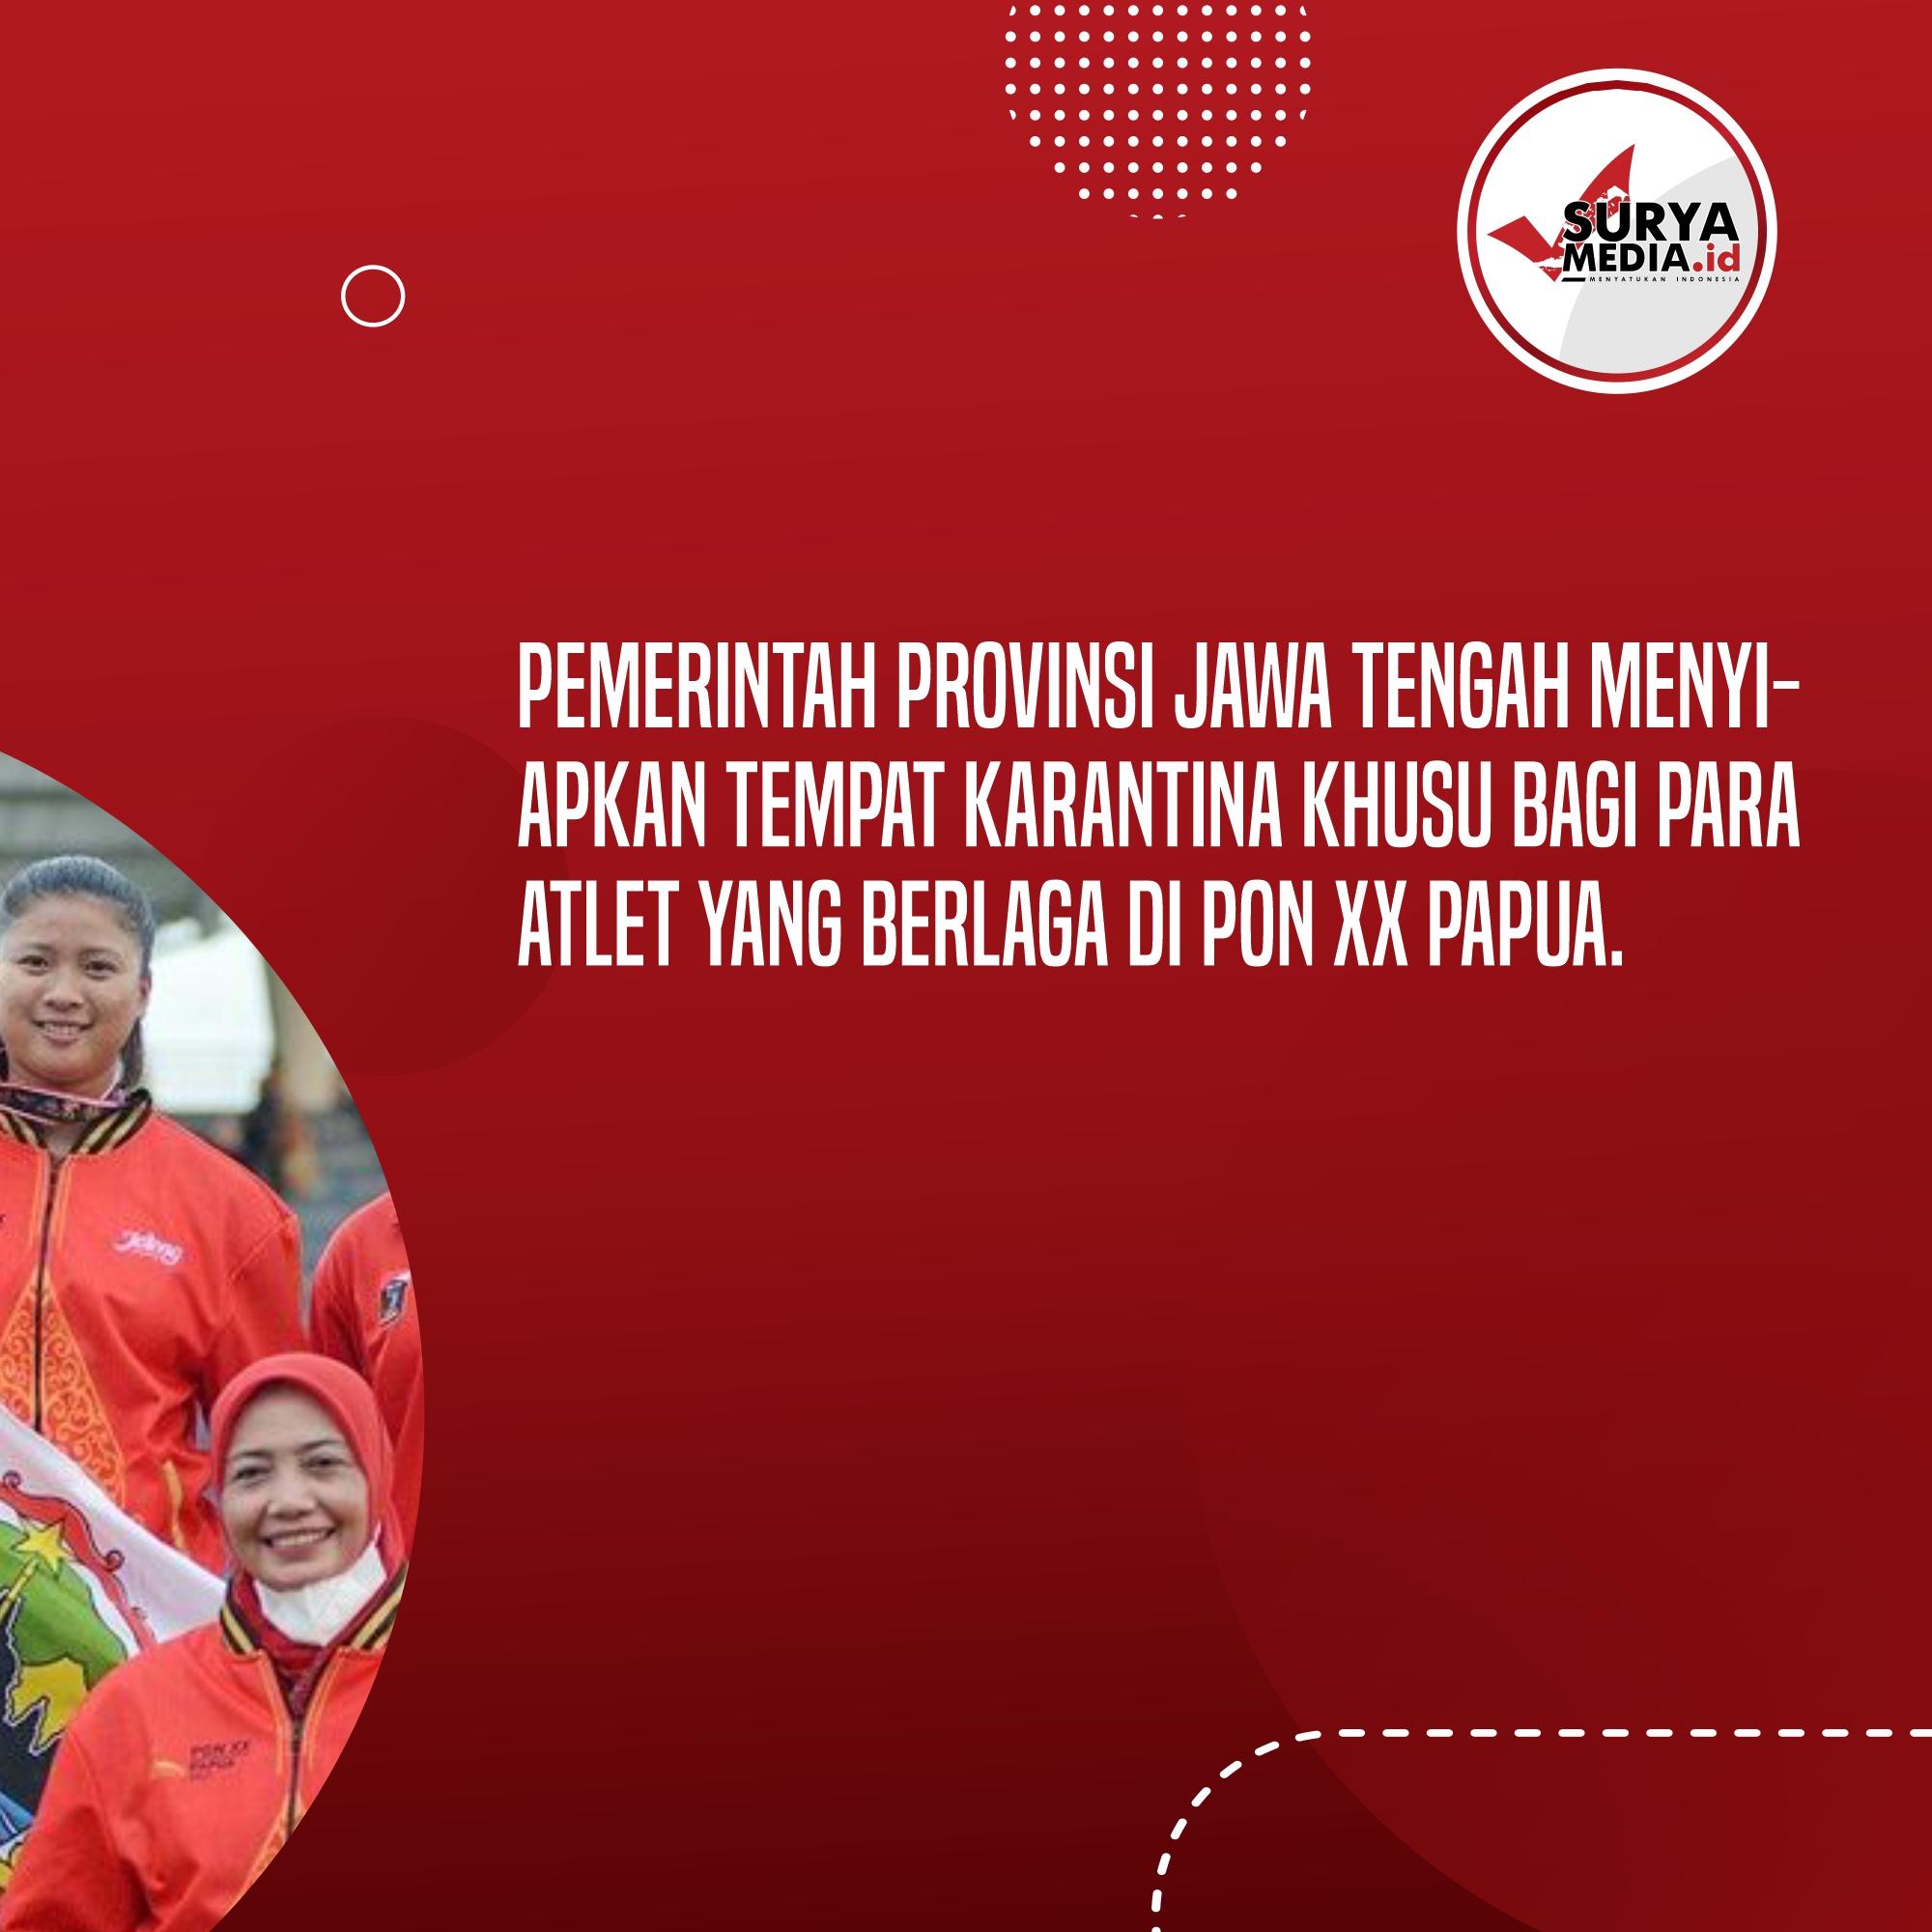 Pemerintah provinsi Jawa Tengah menyi- apkan tempat karantina khusu bagi para atlet yang berlaga di PON XX Papua.